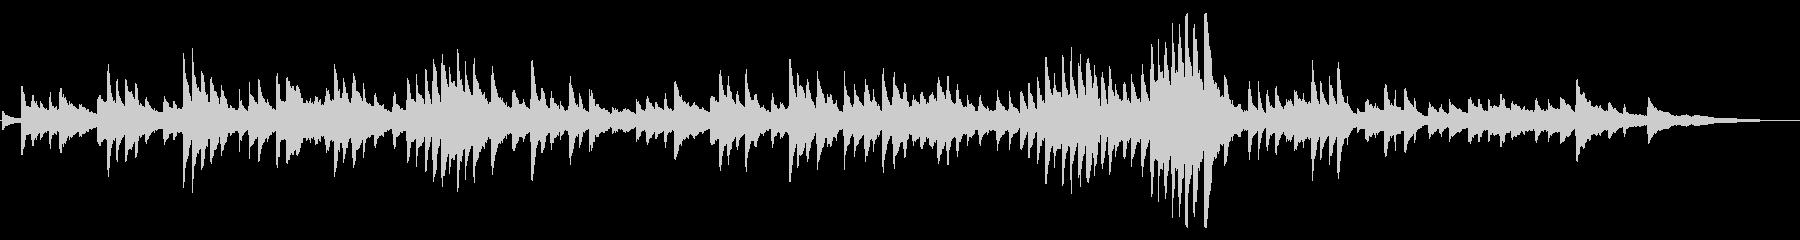 ショパン「別れの曲」ピアノソロ曲の未再生の波形